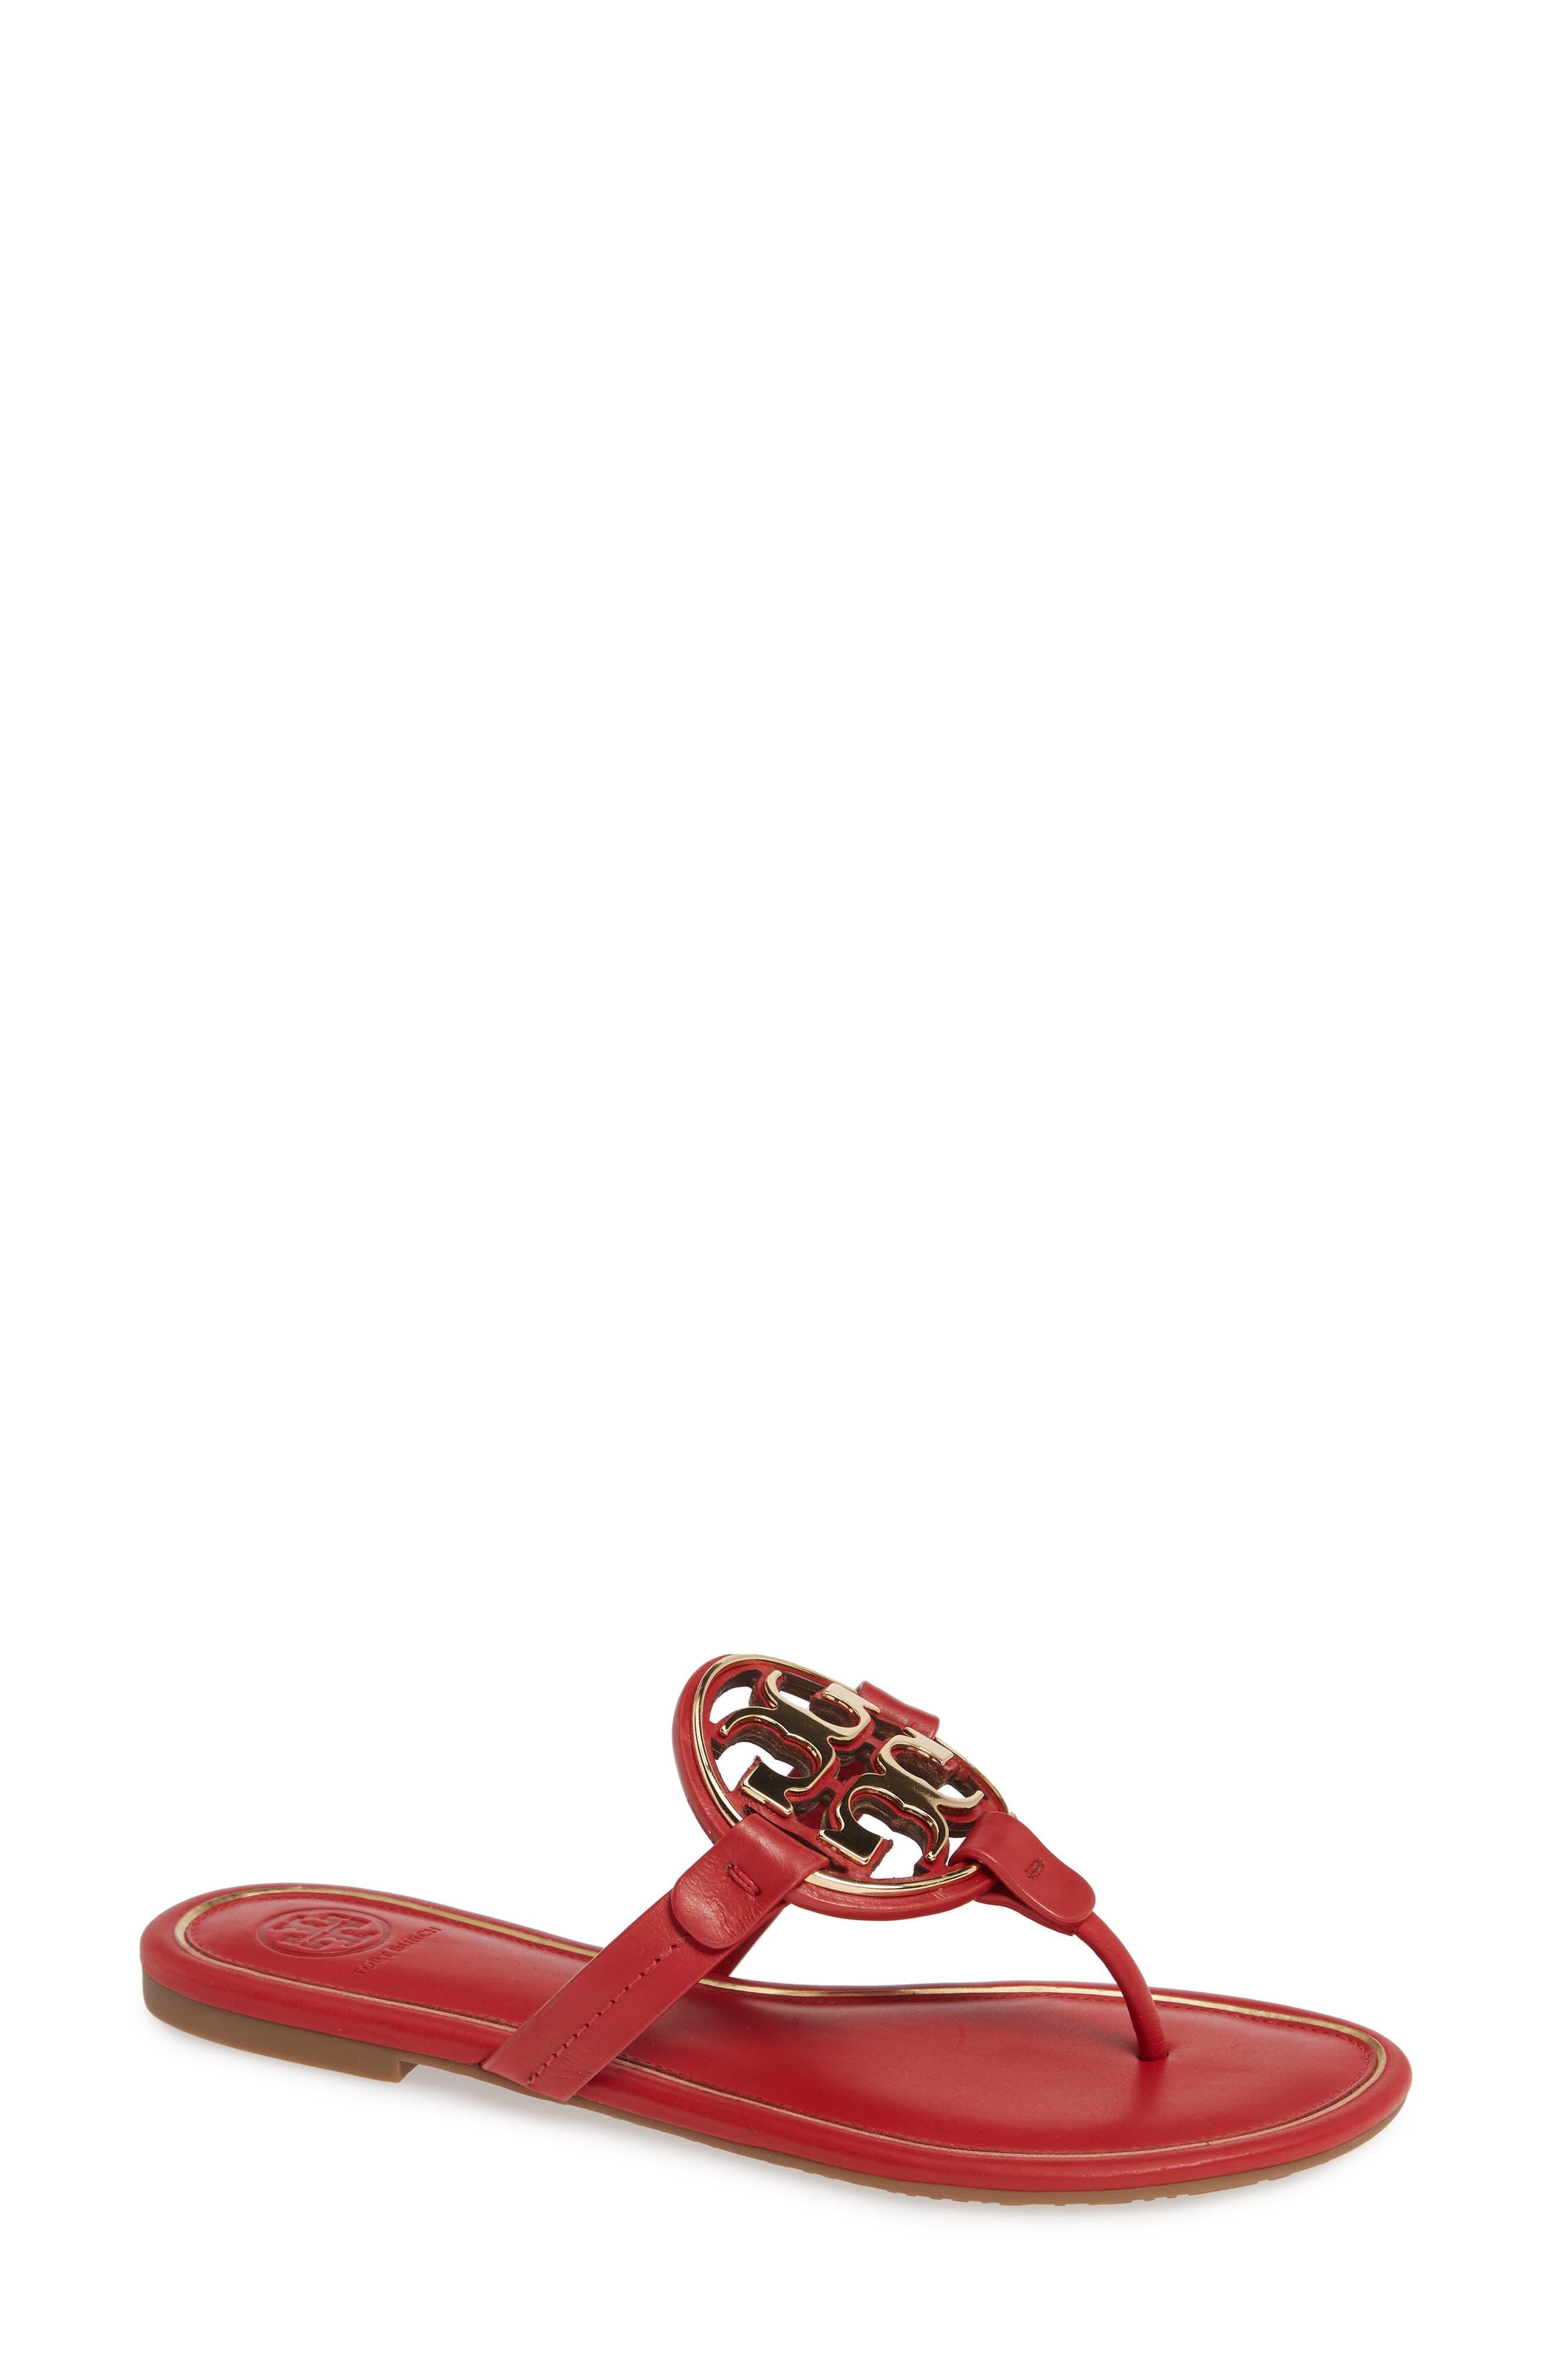 042a77876 tory burch miller sandal